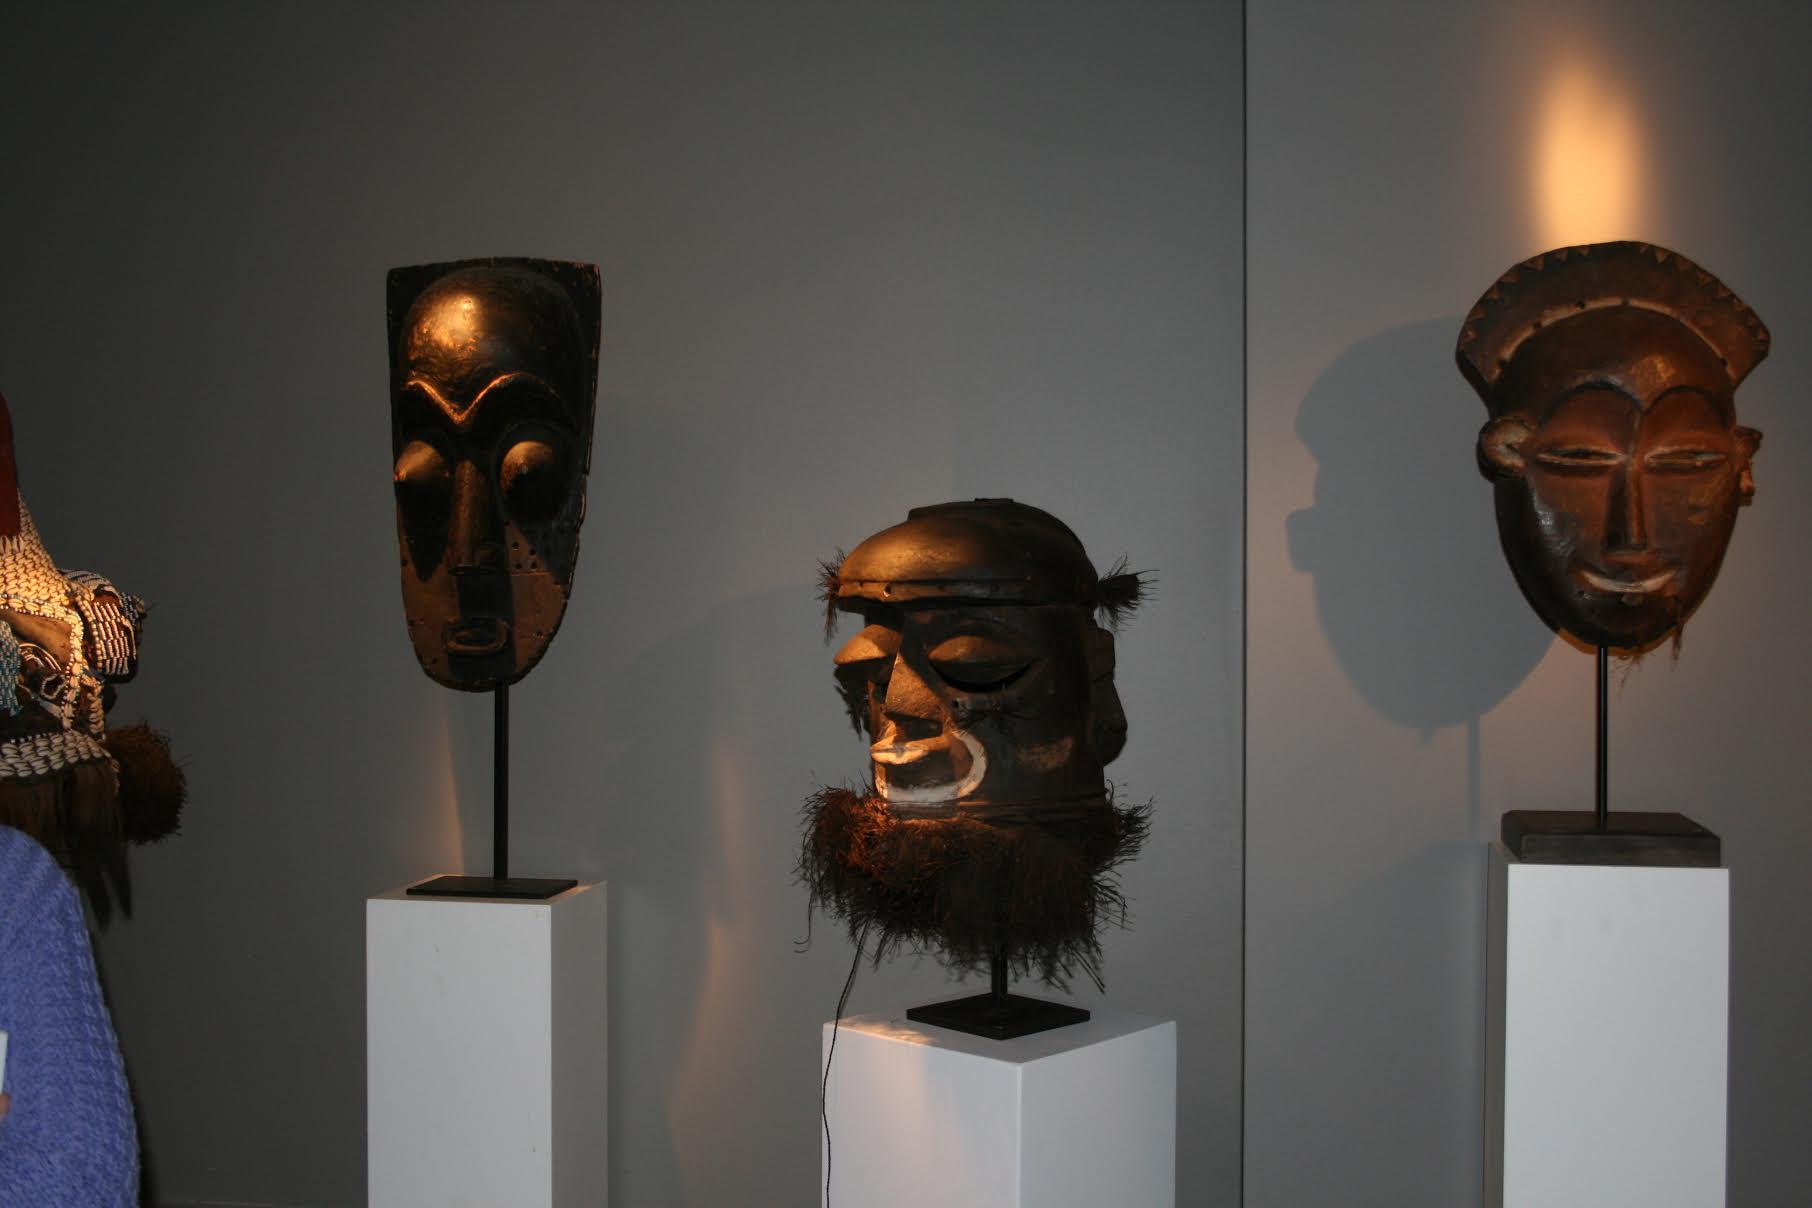 La 1 re dition de cultures the world arts un franc succ s for Chambre de partenariat euro afrique de belgique